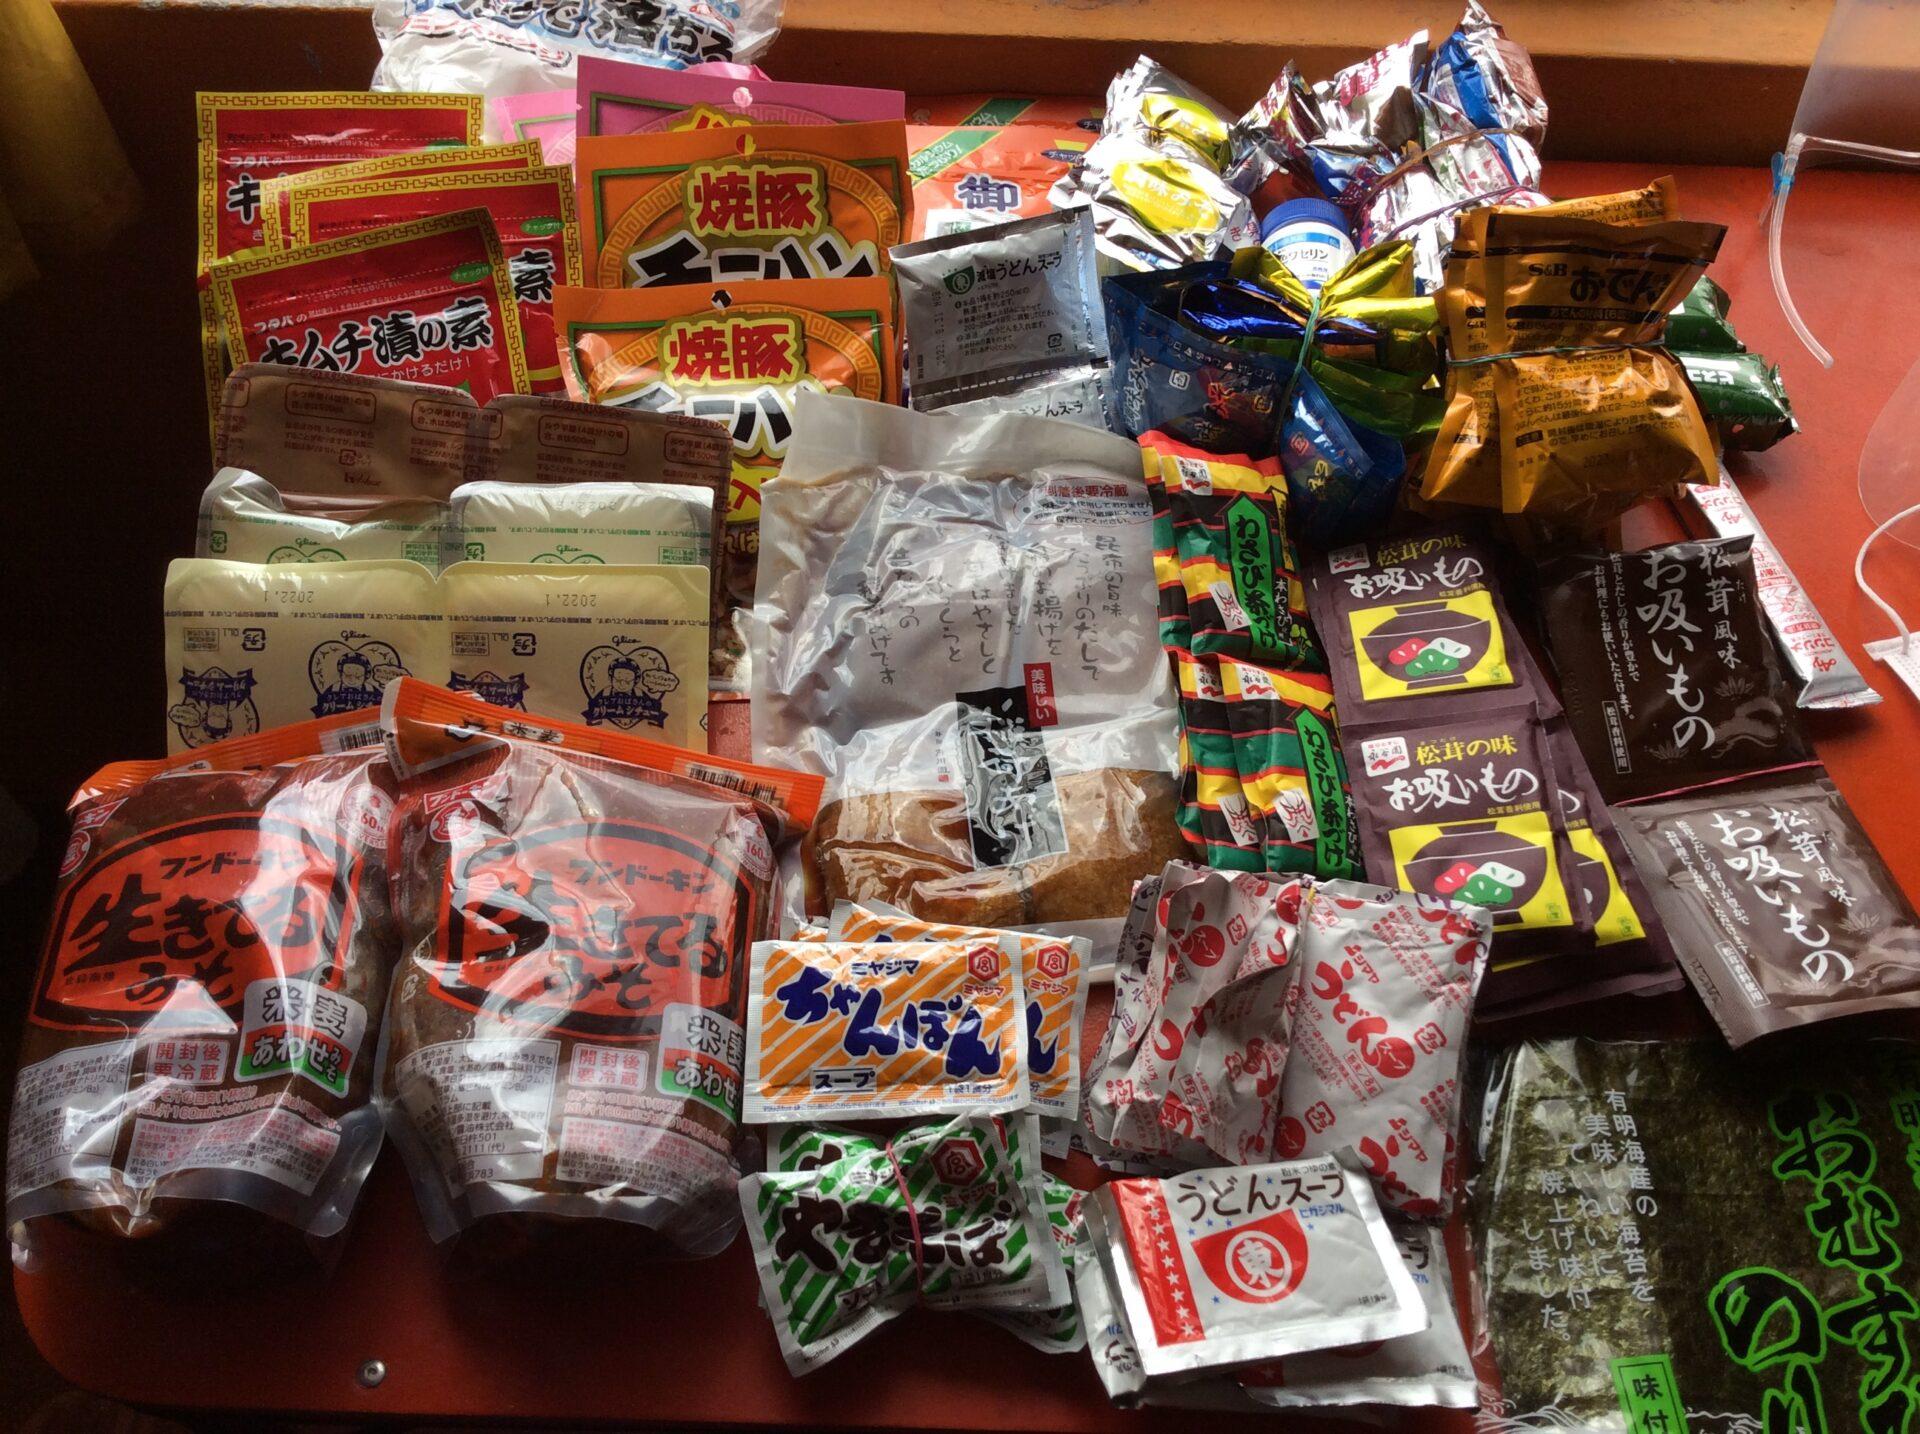 南米, ペルー, Perú, クスコ, Cusco, 日本の食べ物, la comida japonesa, 郵便局, oficina de correos, コロナ, Coronavirus, COVID-19